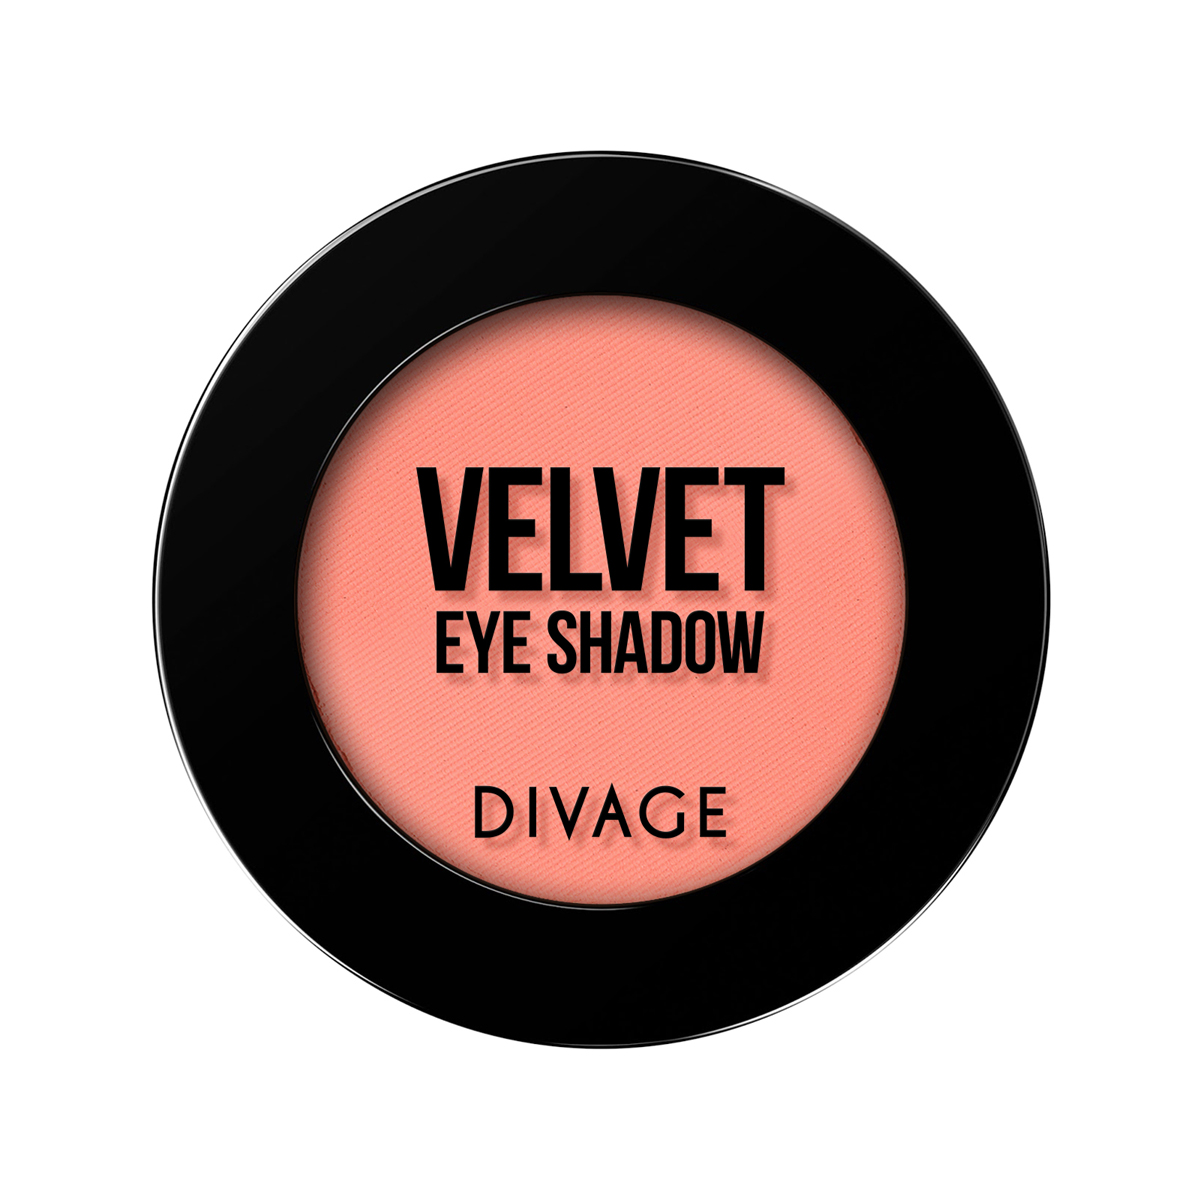 DIVAGE Матовые одноцветные тени для век VELVET , тон № 7321, 3 гр.6Благородство матовых оттенков на ваших глазахХочешь профессиональный макияж в домашних условиях?! Тогда матовые тени VELVET это, то, что тебе нужно, главный тренд в макияже, насыщенные оттенки, профессиональные текстуры, ультра-стойкий эффект. Всё это было секретом визажистов, теперь этот секрет доступен и тебе! Палитра из 15 оттенков, позволяет создать великолепный образ для любого события. Текстура теней VELVET напоминает бархат, благодаря своей шелковистой формуле тени легко растушевываются по поверхности века, позволяя комбинировать между собой все оттенки палитры. Тени идеально подходят для жирной кожи век, за счёт своей плотной пудровой текстуры тени не осыпаются и не собираются в складках века, сохраняя идеально ровное покрытие до 8 часов.СОВЕТ DIVAGE: Используя тени для макияжа глаз от DIVAGE, ты легко можешь меняться каждый день, создавая различные образы. Но как выбрать свой оттенок в таком многообразии? Выбирай контрастные оттенки тенейк твоему цвету глаз. Карие глаза хорошо подчеркнут зелёные и фиолетовые оттенки, все оттенки коричневого придадут выразительности зелёным глазкам, для серых и голубых больше всего подойду оттенки кораллового, золотого ирозового. С макияжем выполненным тенями DIVAGE твой взгляд будет ещё притягательней!